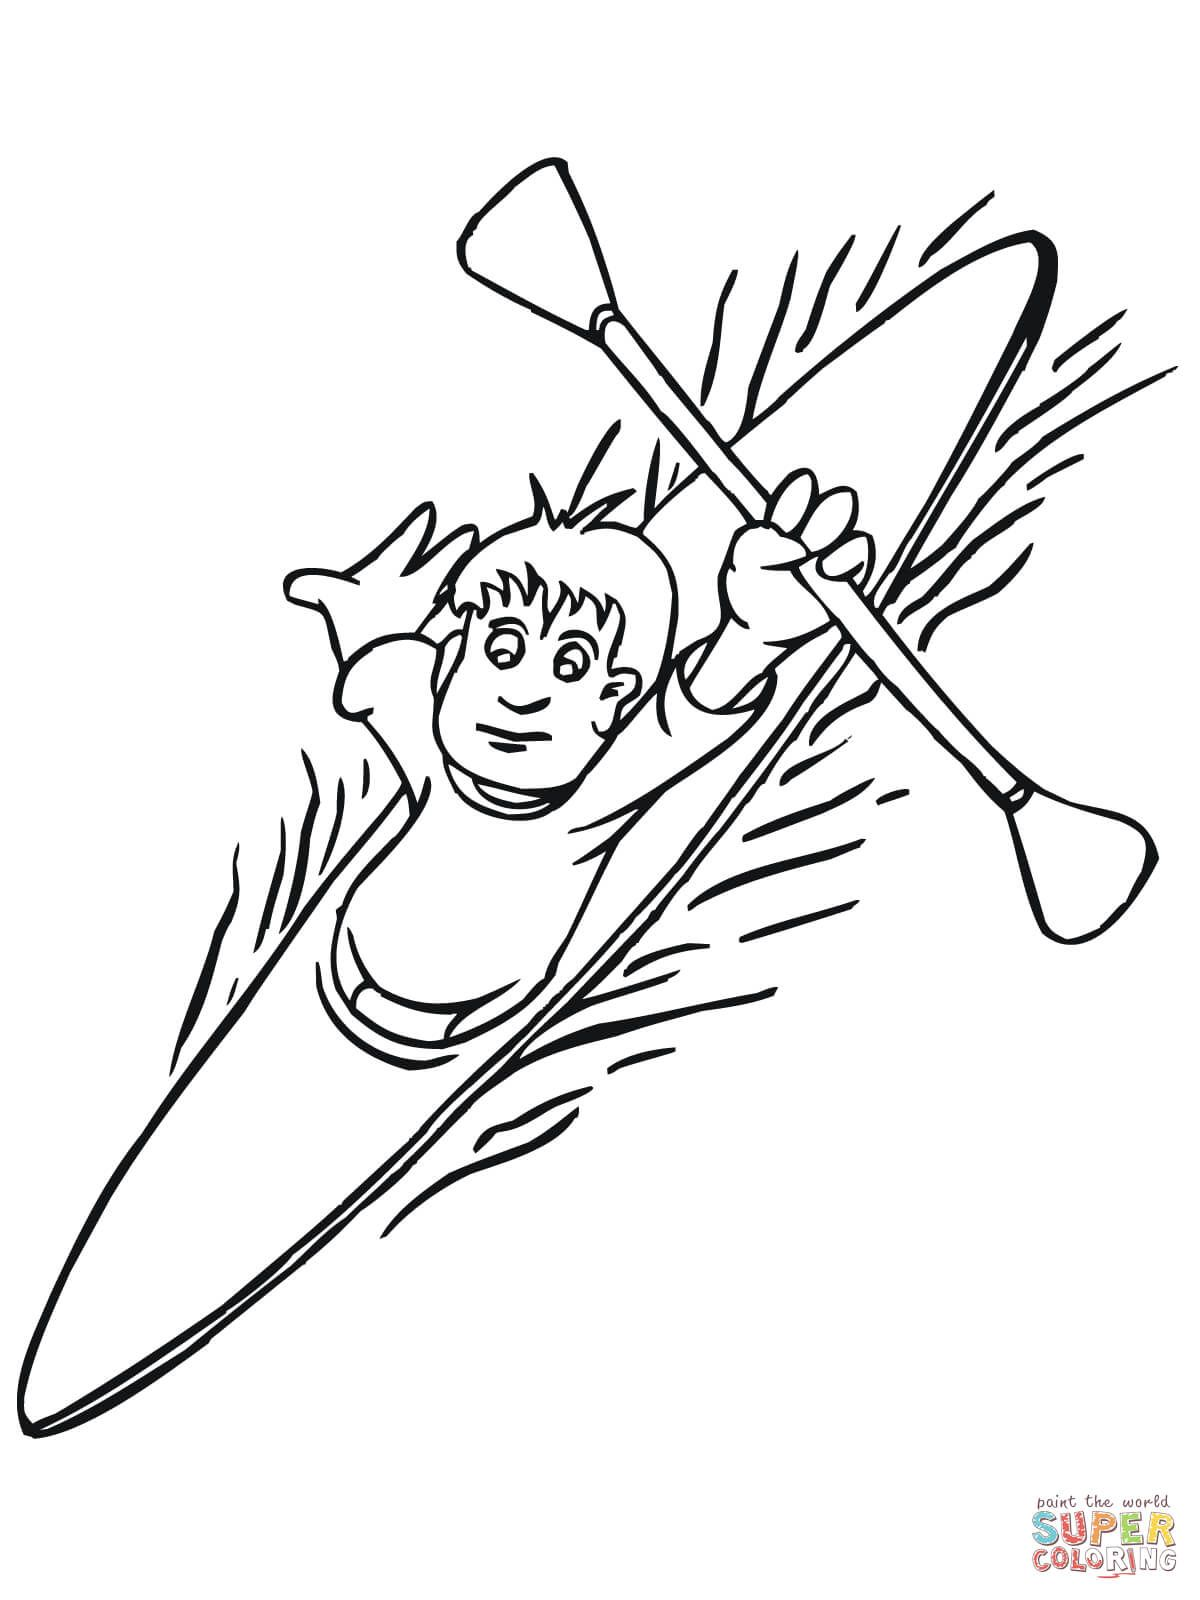 Boy Floating On Kayak Super Coloring Summer Coloring Pages Coloring Pages Kayaking